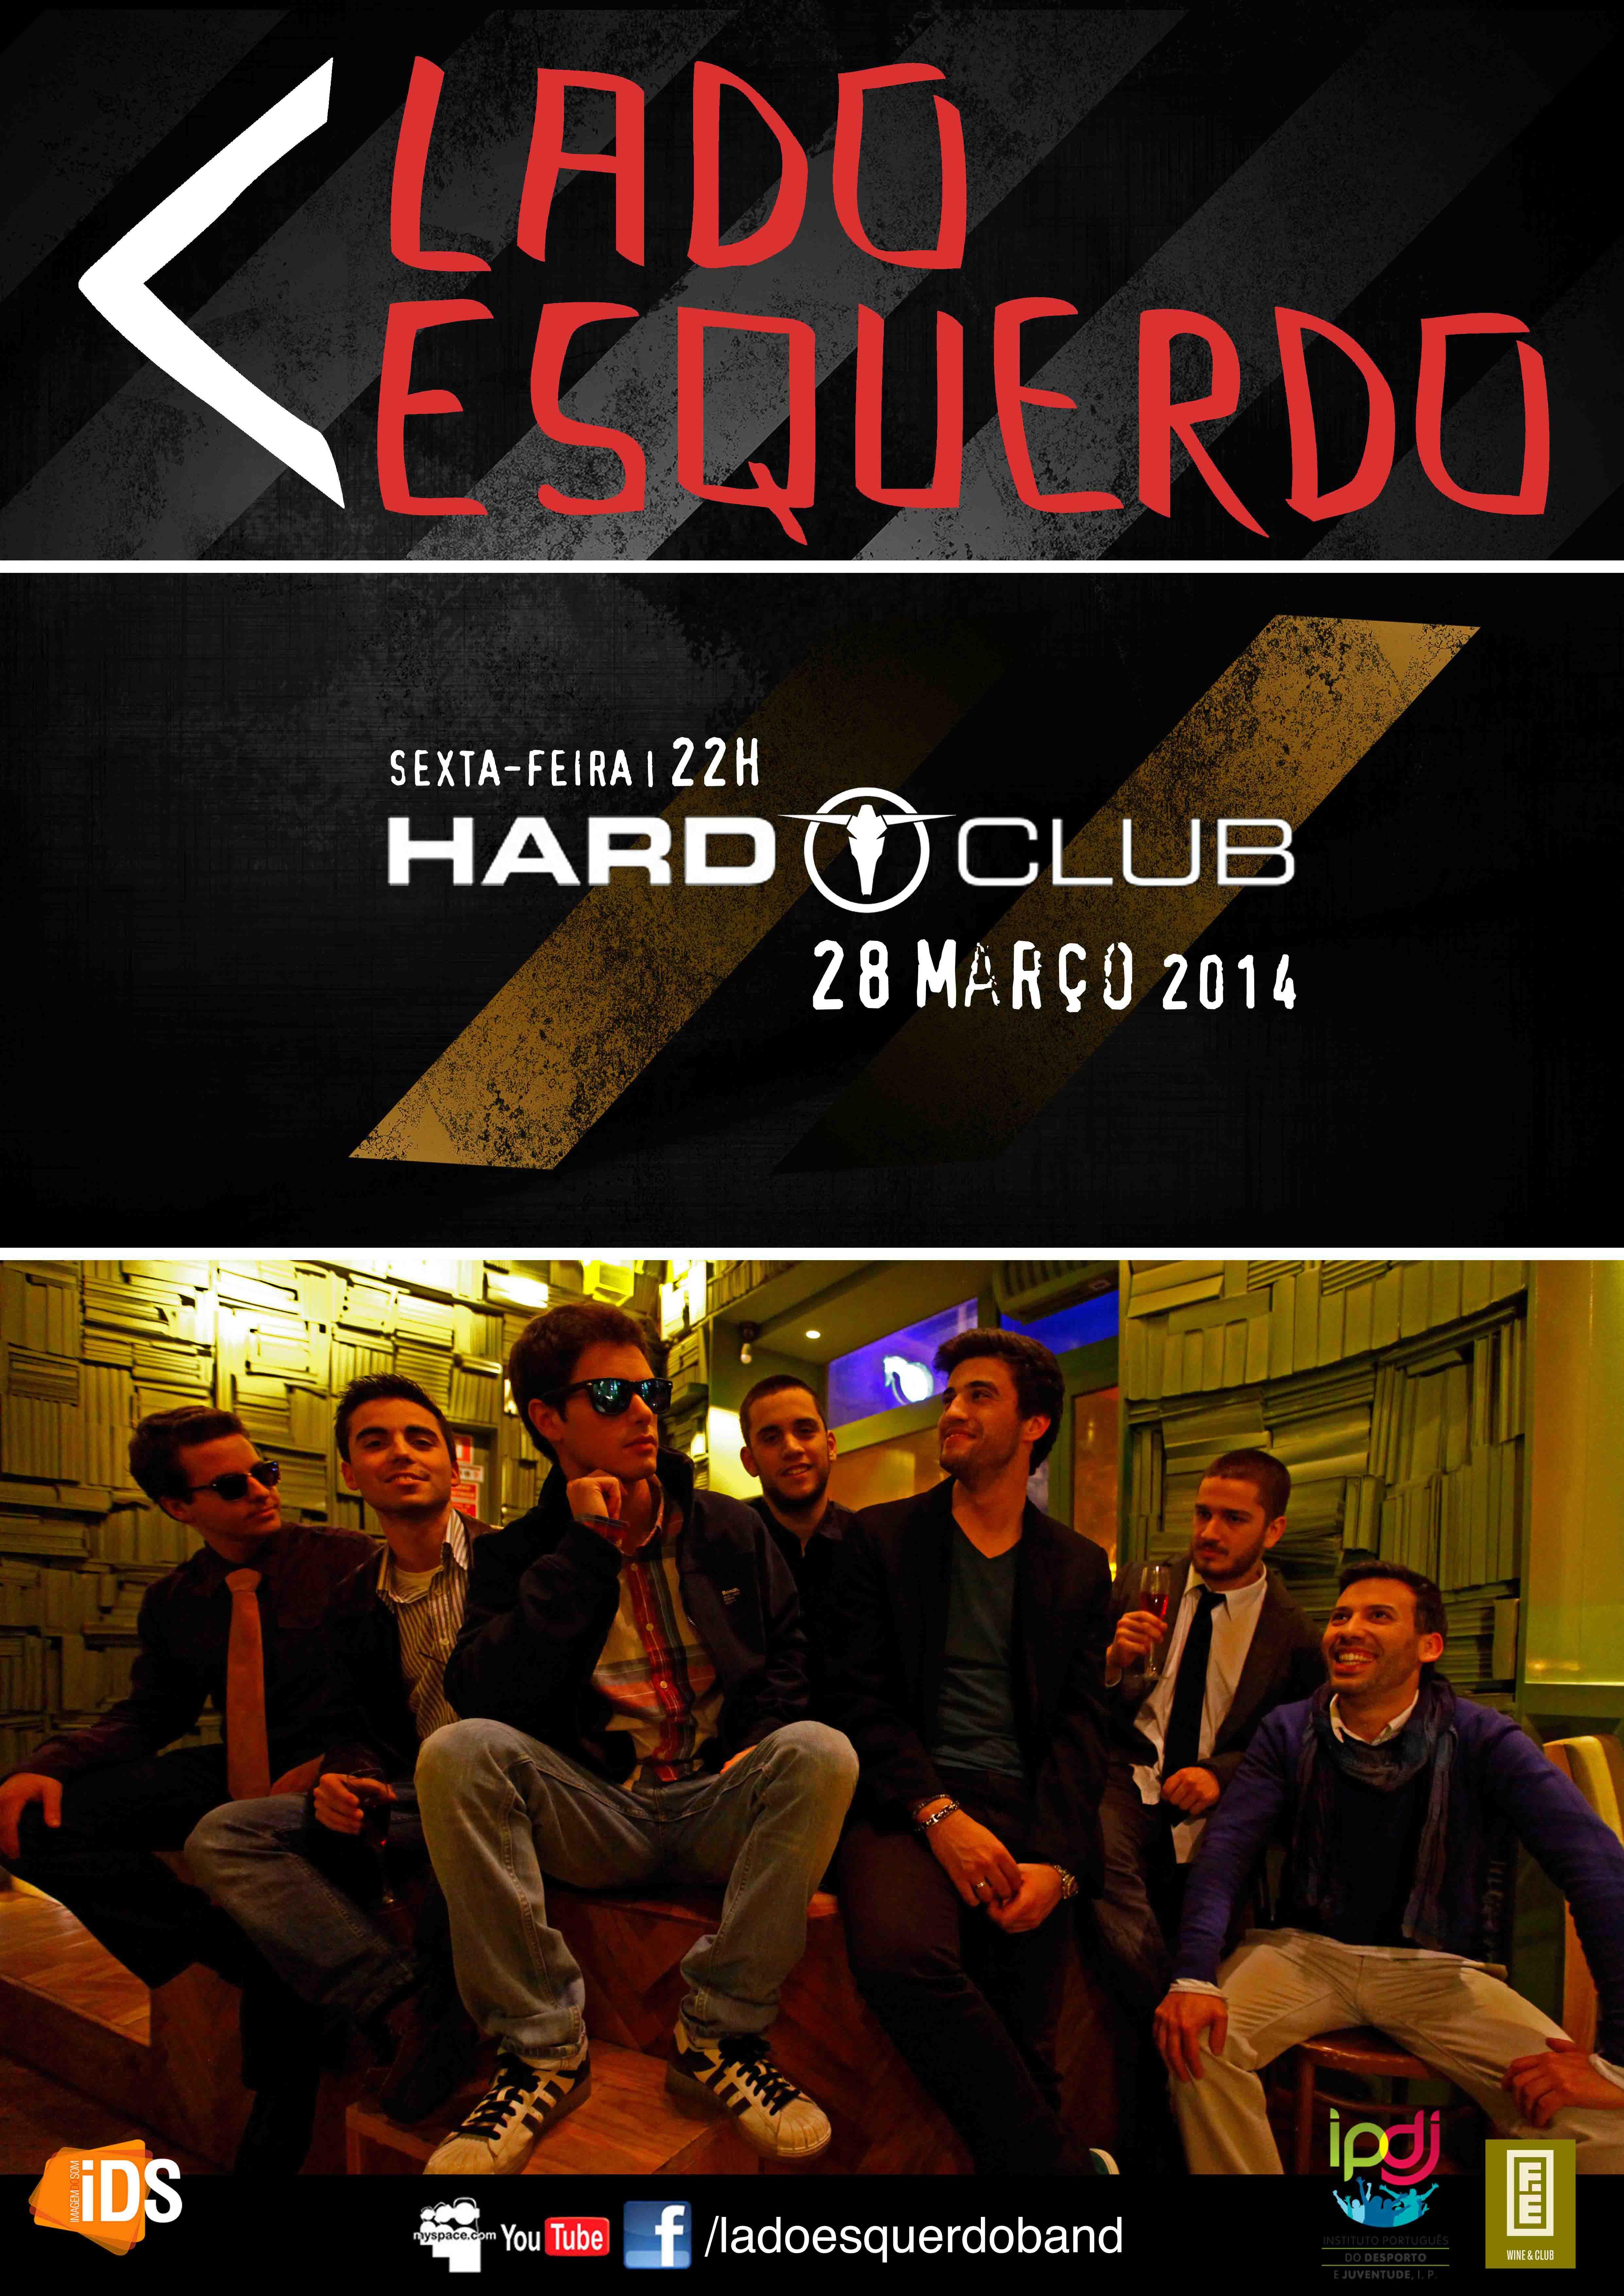 Lado Esquerdo - Hard Club - 28 Março 2014